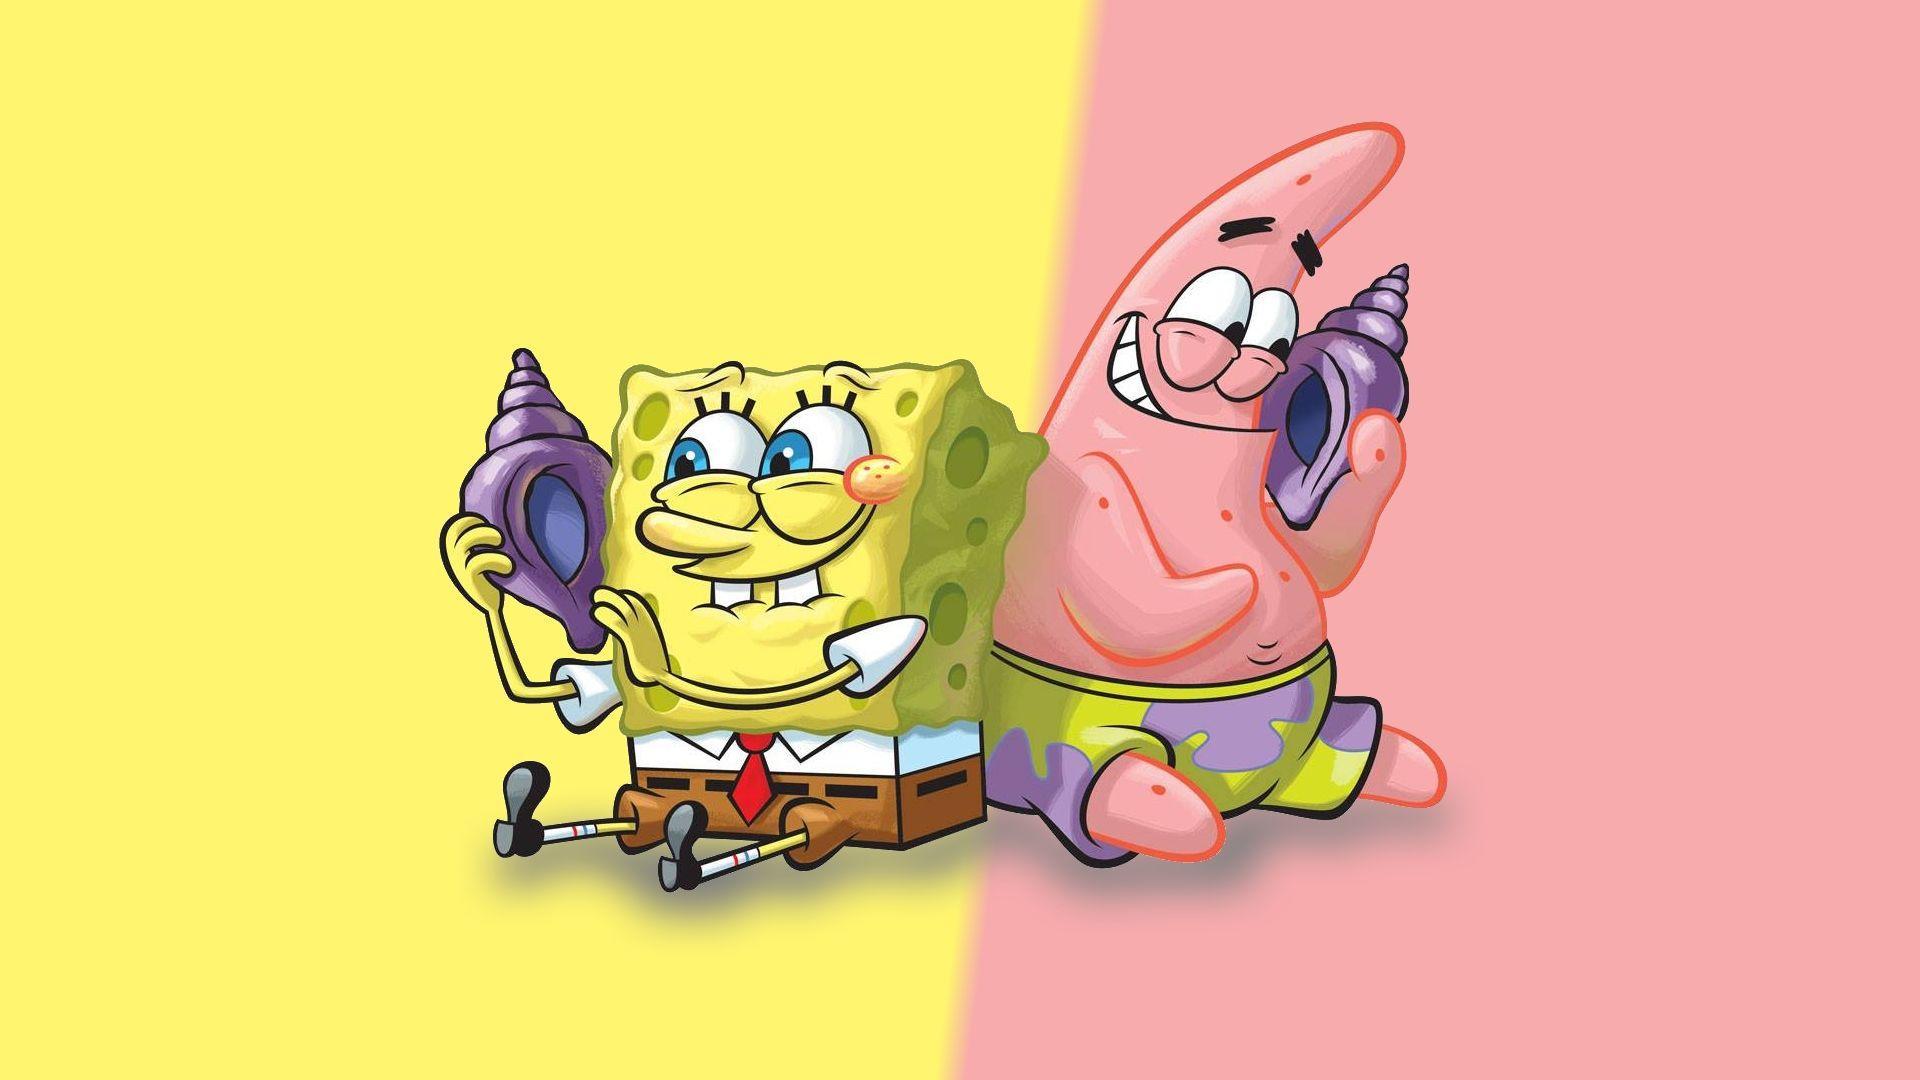 1920x1080 Spongebob và Patrick Hình nền máy tính 58838 1920x1080 px